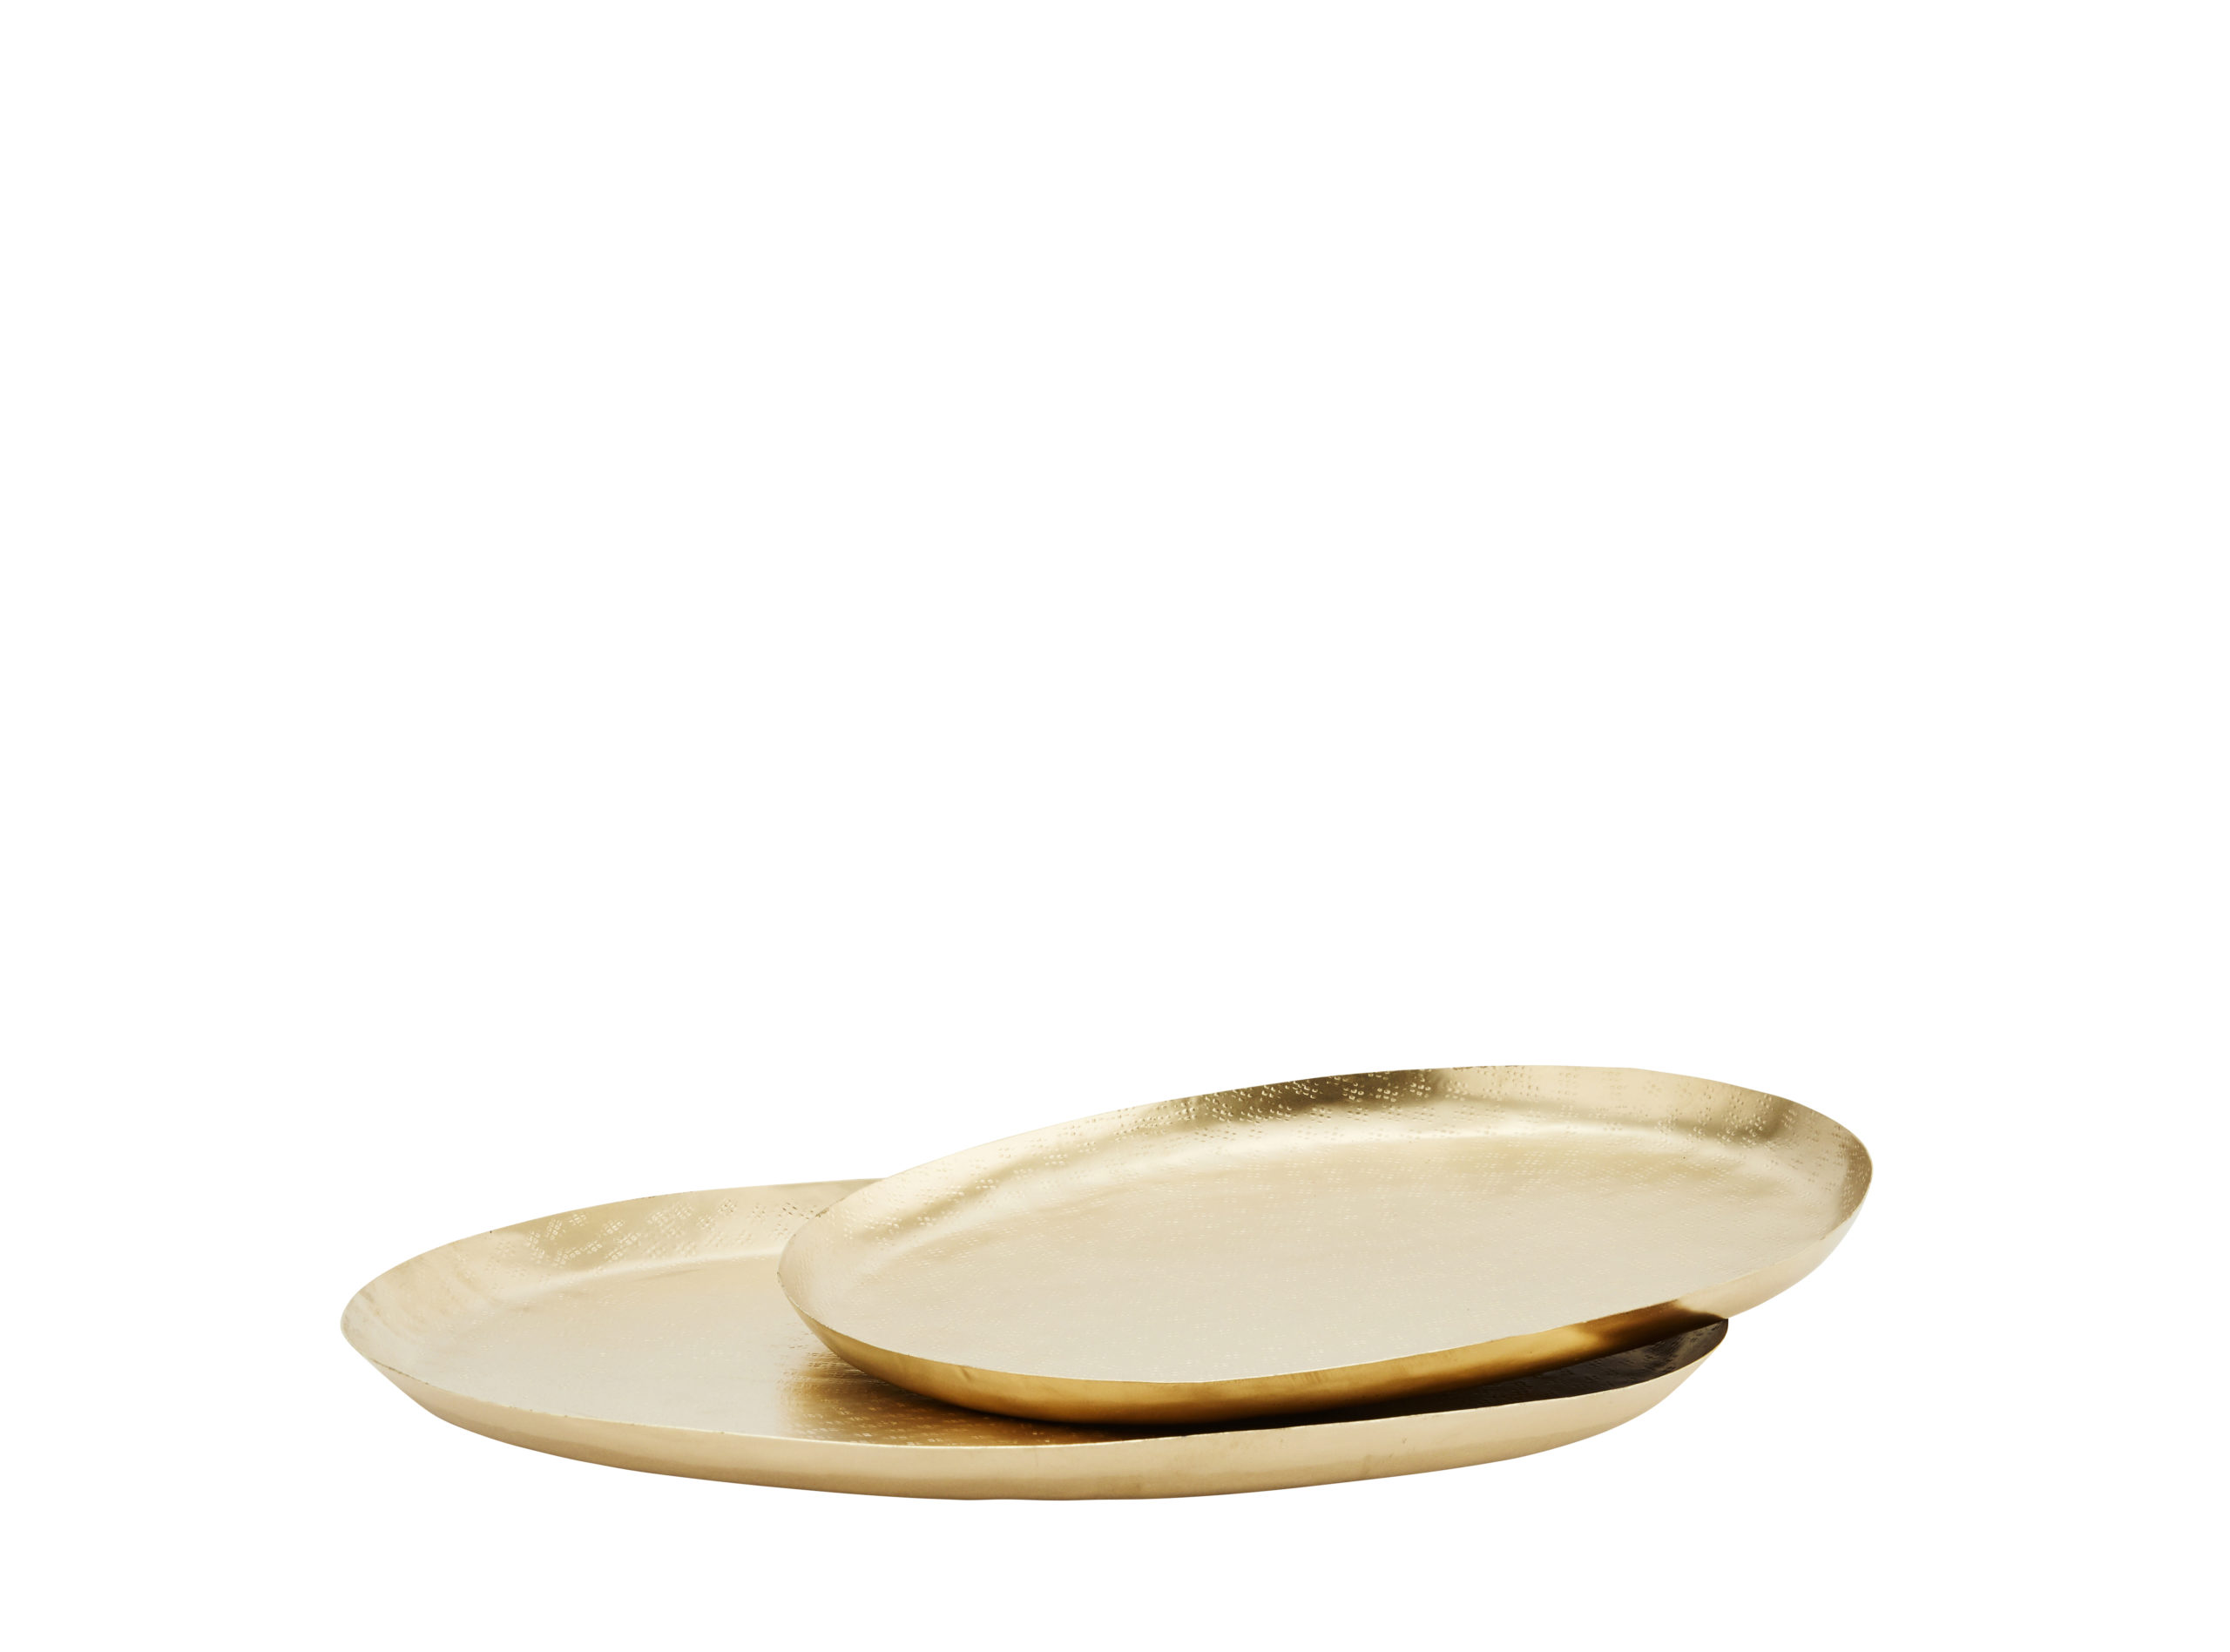 Plateau décoratif ovale en métal doré - 2 tailles * Madam Stoltz